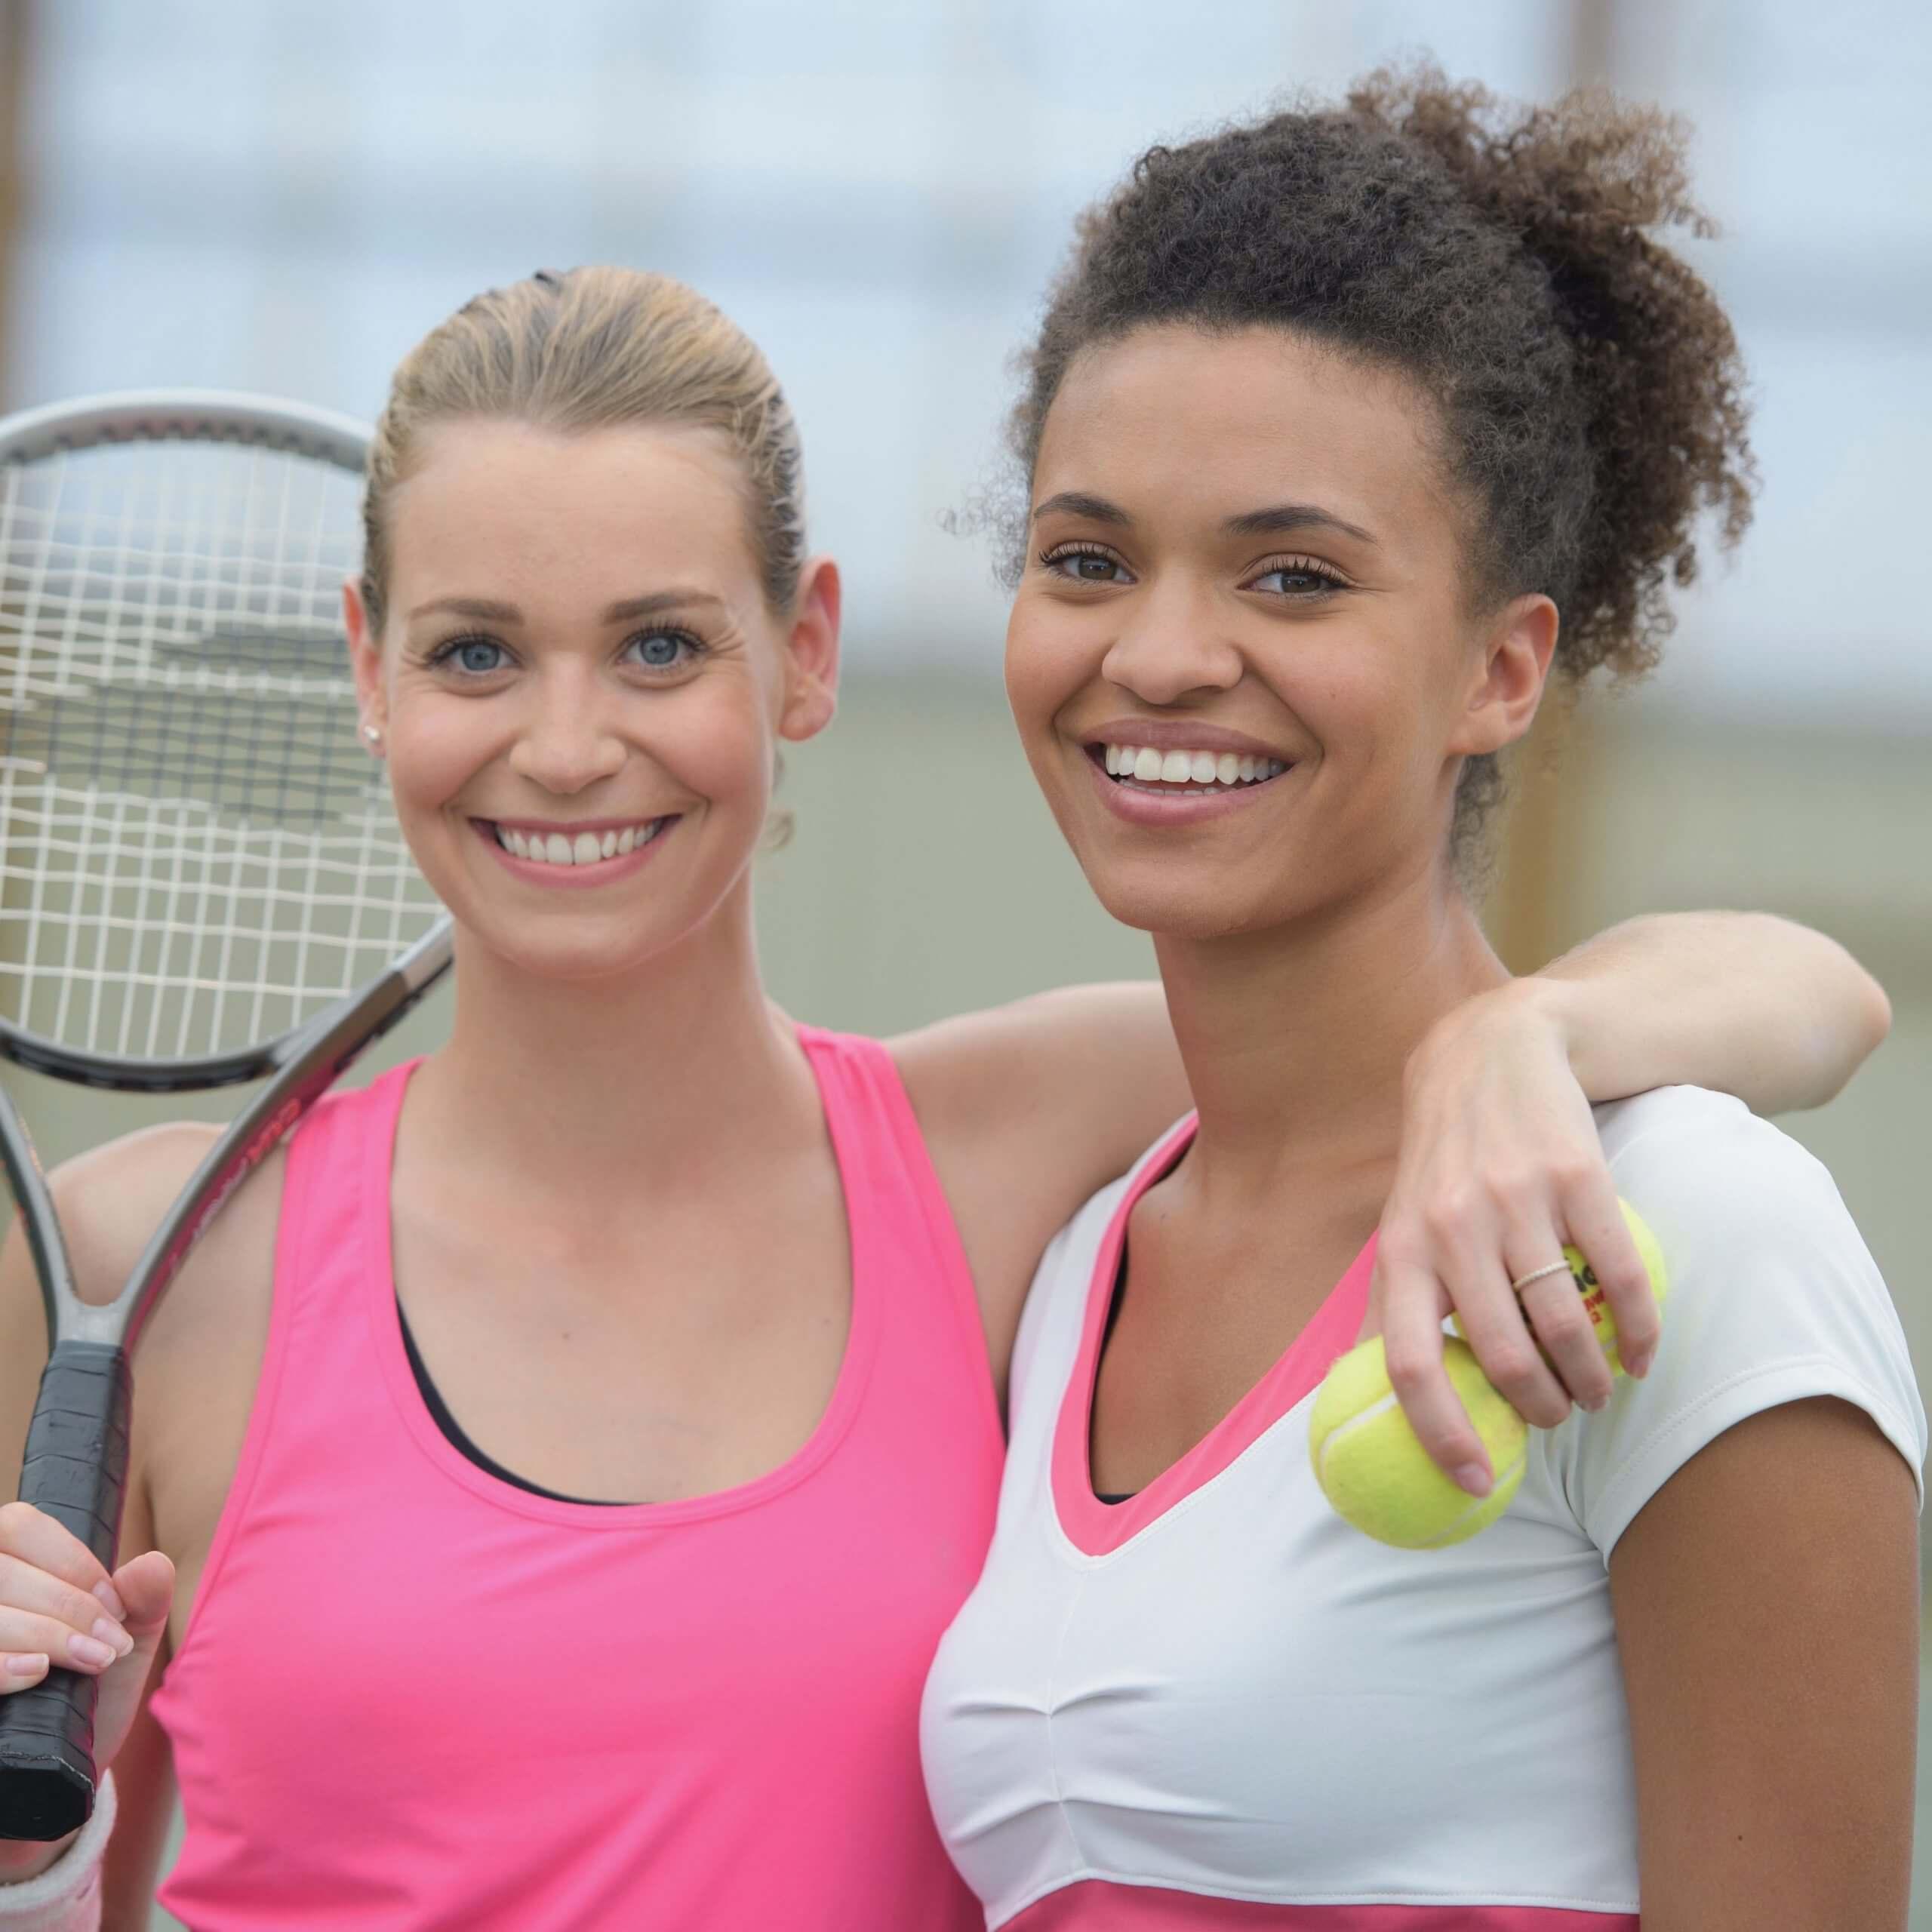 Zwei junge Frauen beim Tennis